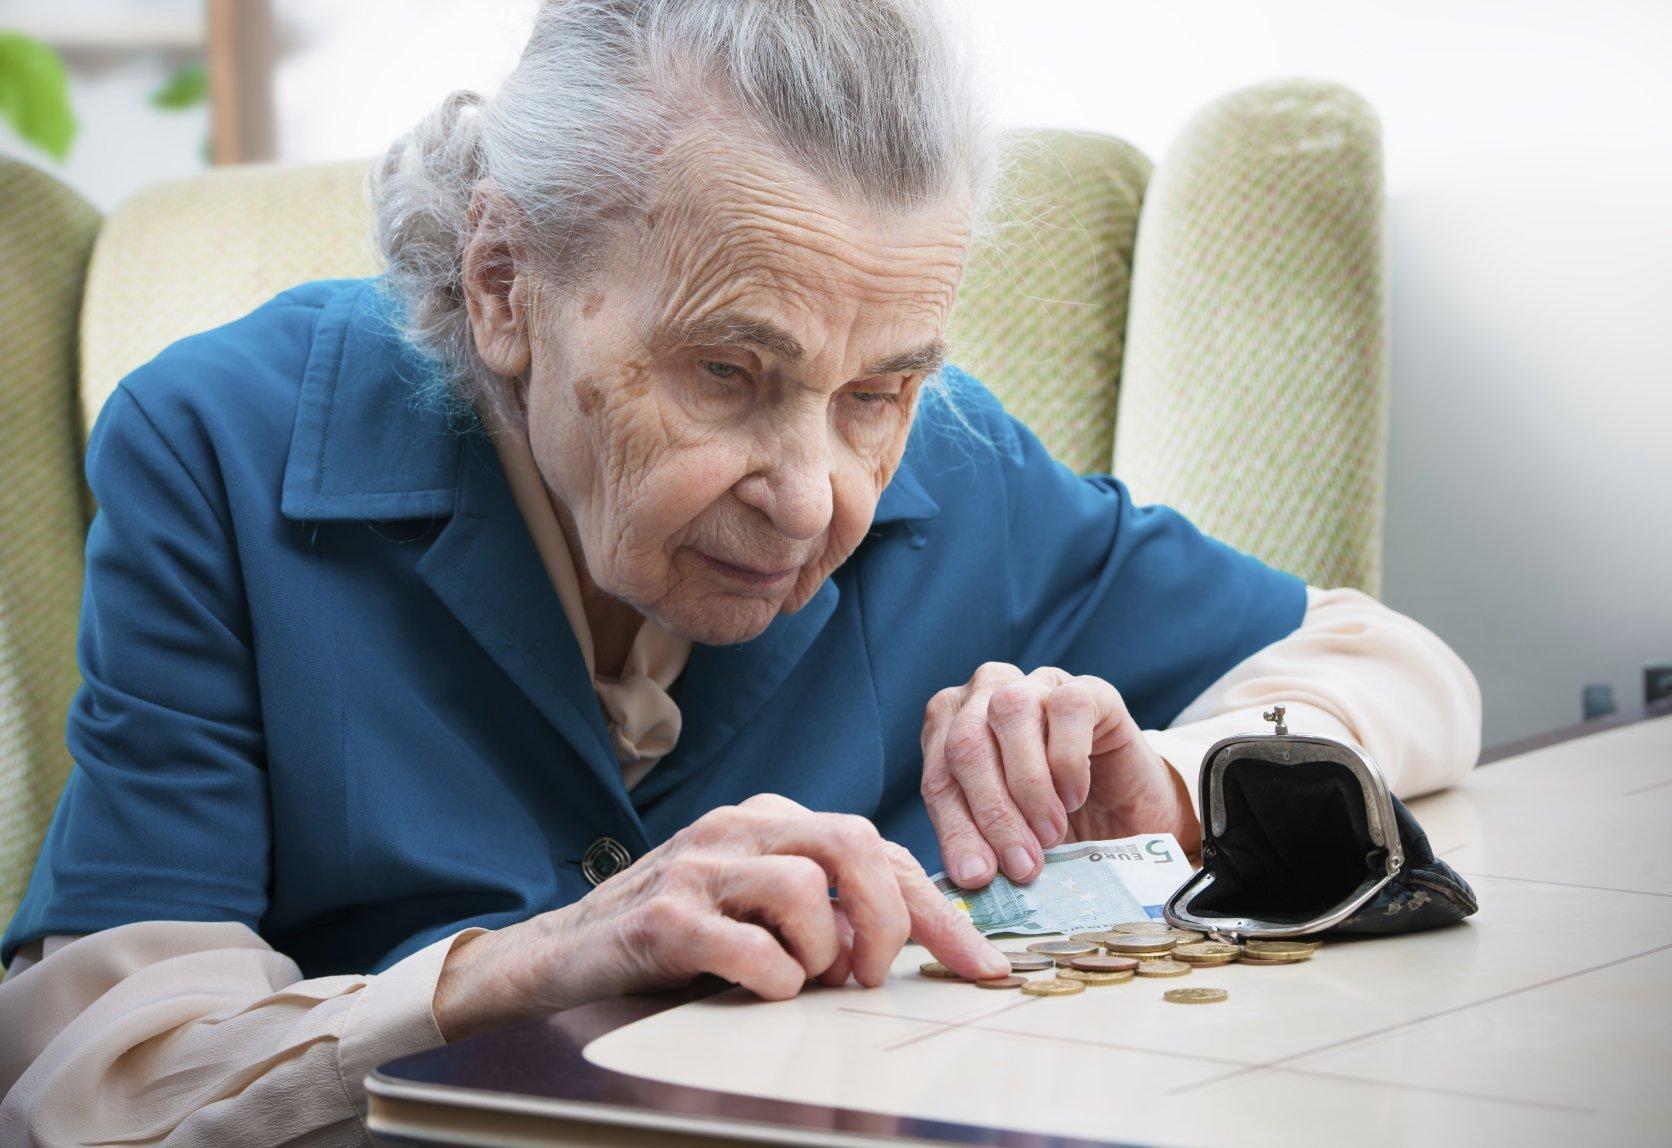 Какой прожиточный минимум для пенсионеров в 2016 году россия